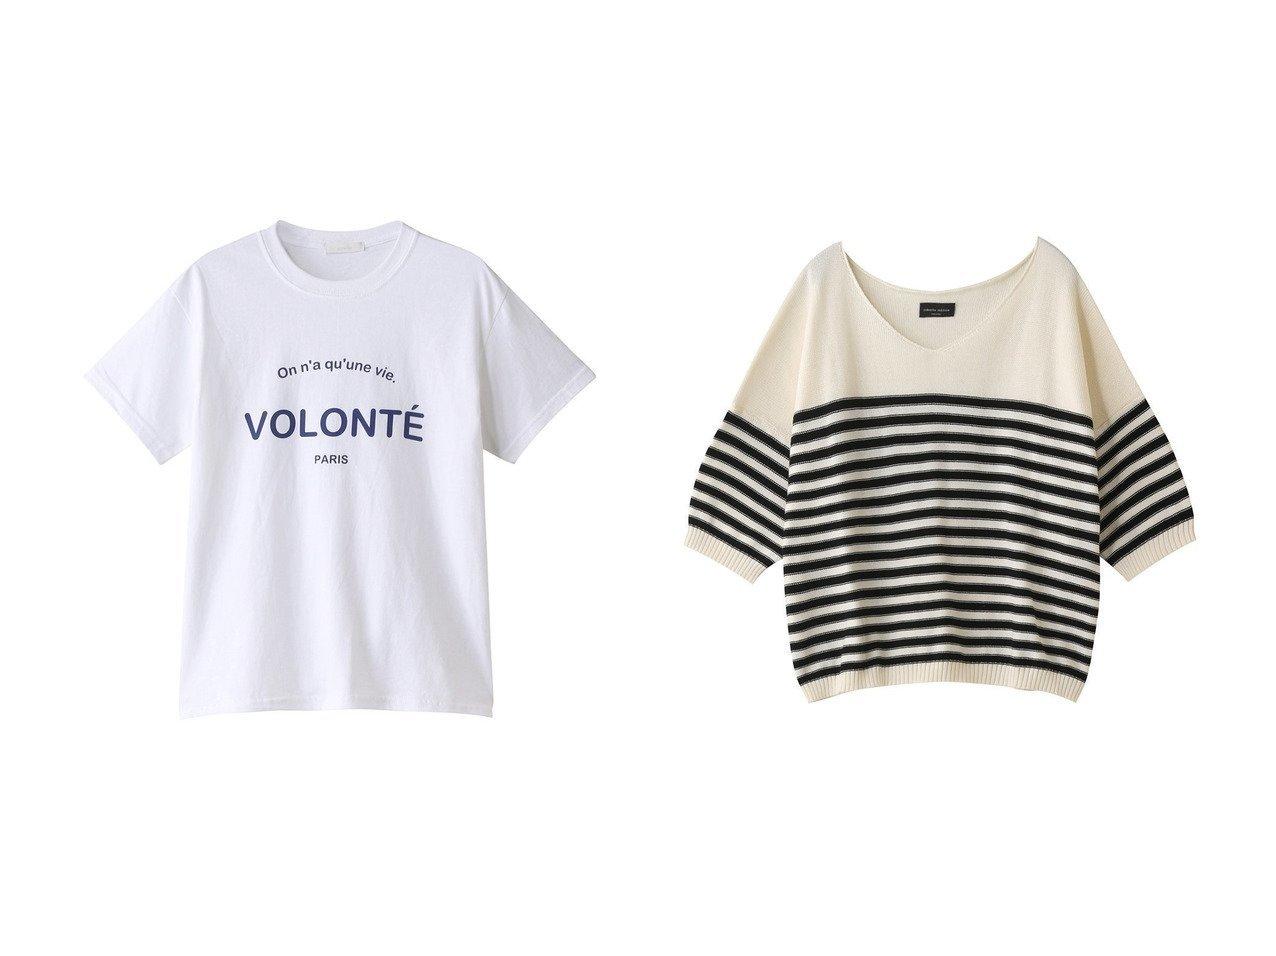 【allureville/アルアバイル】のFONT COMBINATIONロゴT&【heliopole/エリオポール】の【ROBERTO COLLINA】ニット 【トップス・カットソー】おすすめ!人気、トレンド・レディースファッションの通販 おすすめで人気の流行・トレンド、ファッションの通販商品 メンズファッション・キッズファッション・インテリア・家具・レディースファッション・服の通販 founy(ファニー) https://founy.com/ ファッション Fashion レディースファッション WOMEN トップス・カットソー Tops/Tshirt シャツ/ブラウス Shirts/Blouses ロング / Tシャツ T-Shirts カットソー Cut and Sewn ニット Knit Tops プルオーバー Pullover ショート シンプル スリーブ 半袖 ボーダー  ID:crp329100000038719